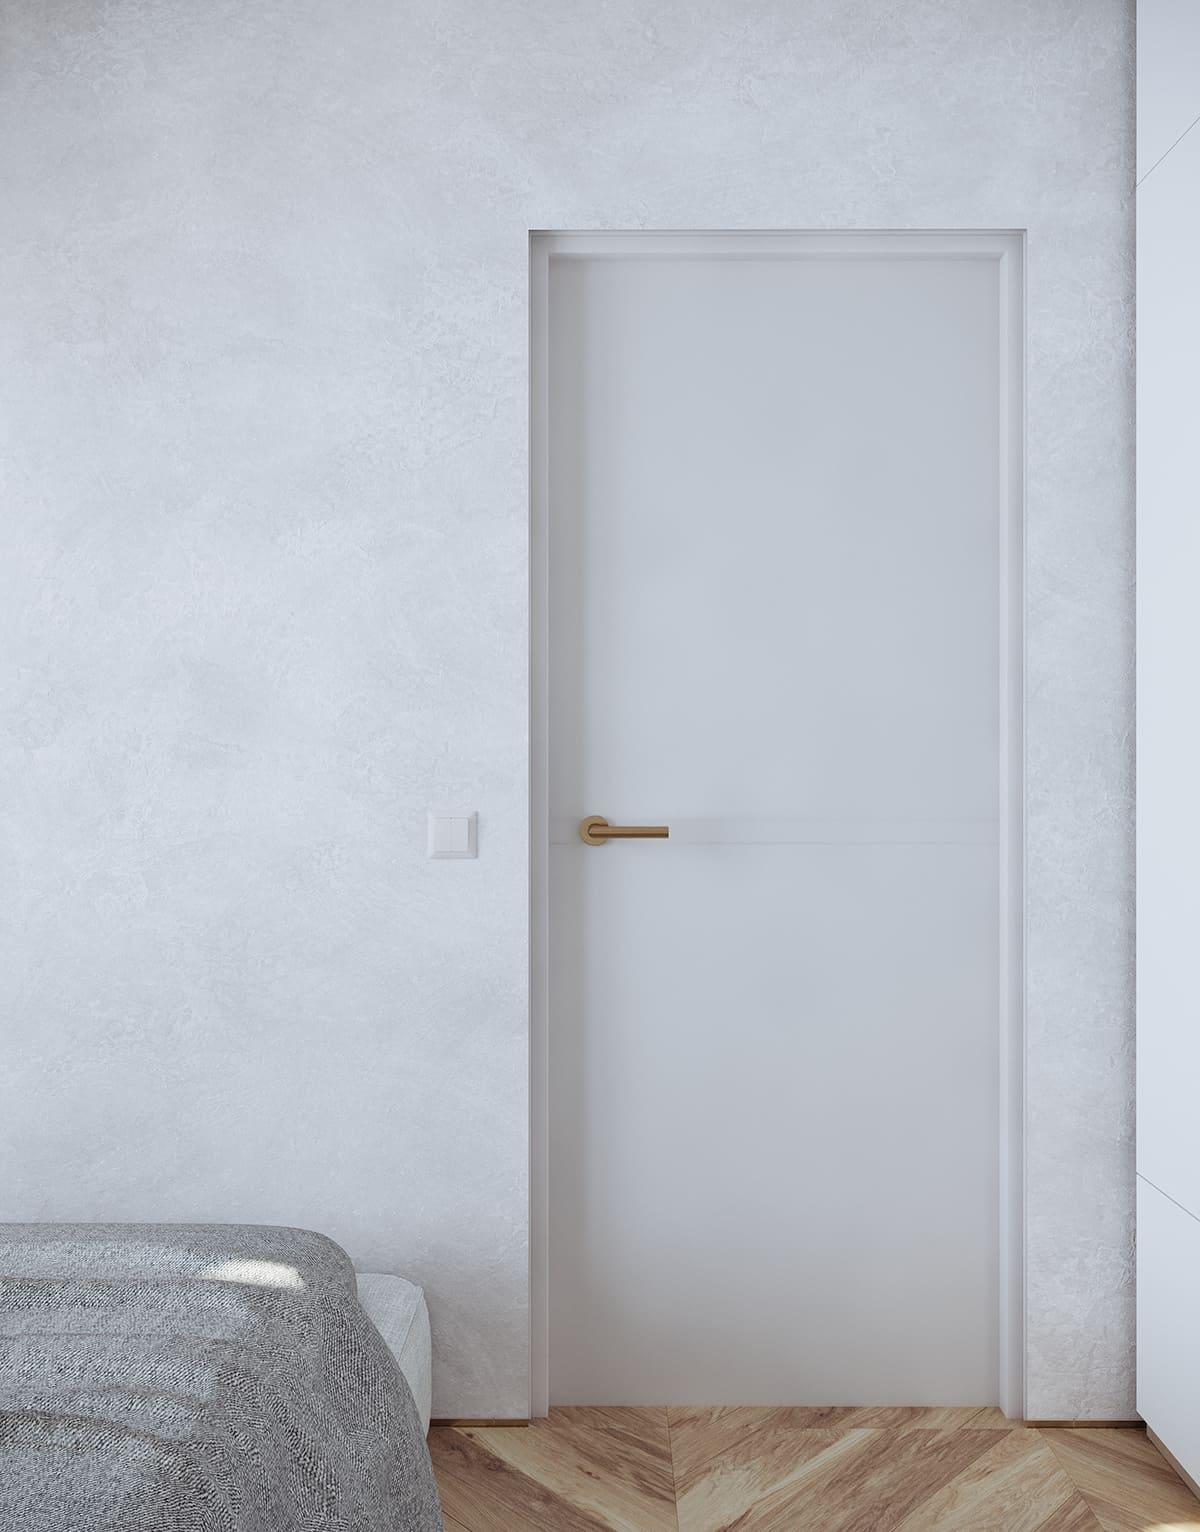 portes intérieures photo 15